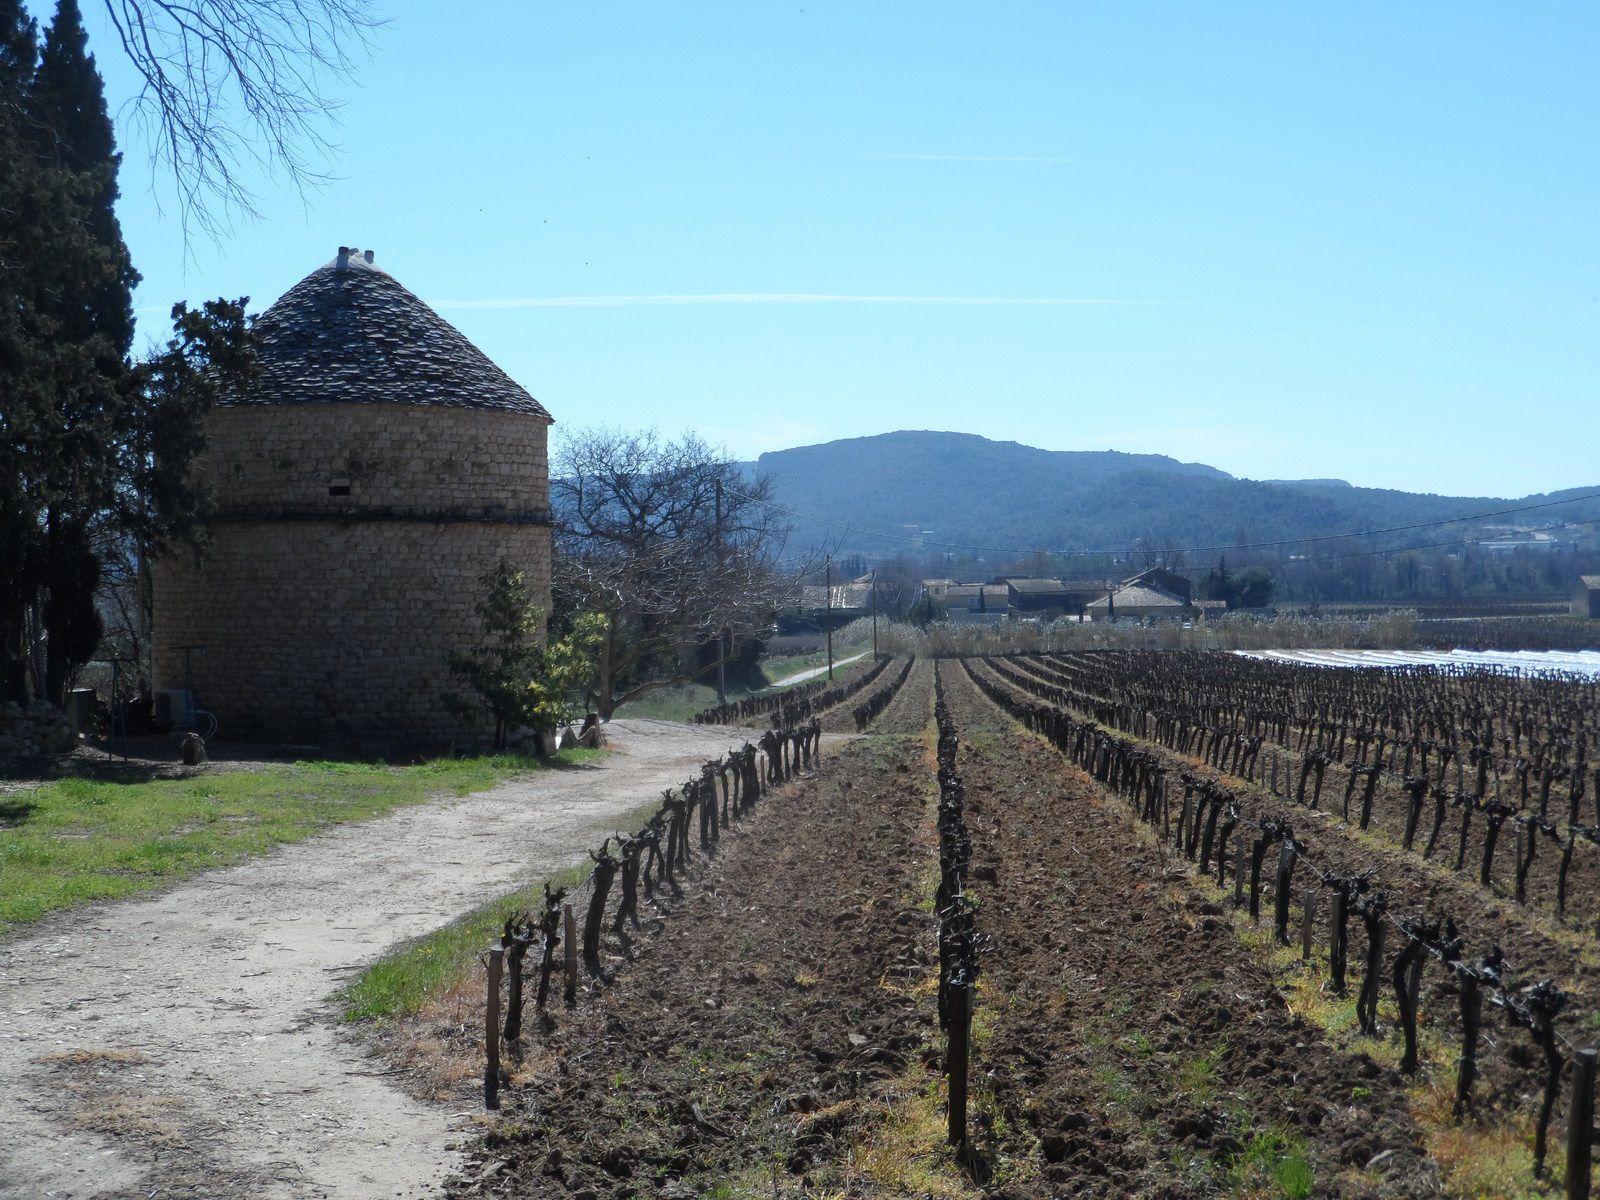 Un dernier tour au milieu des vignes, le week-end est terminé.